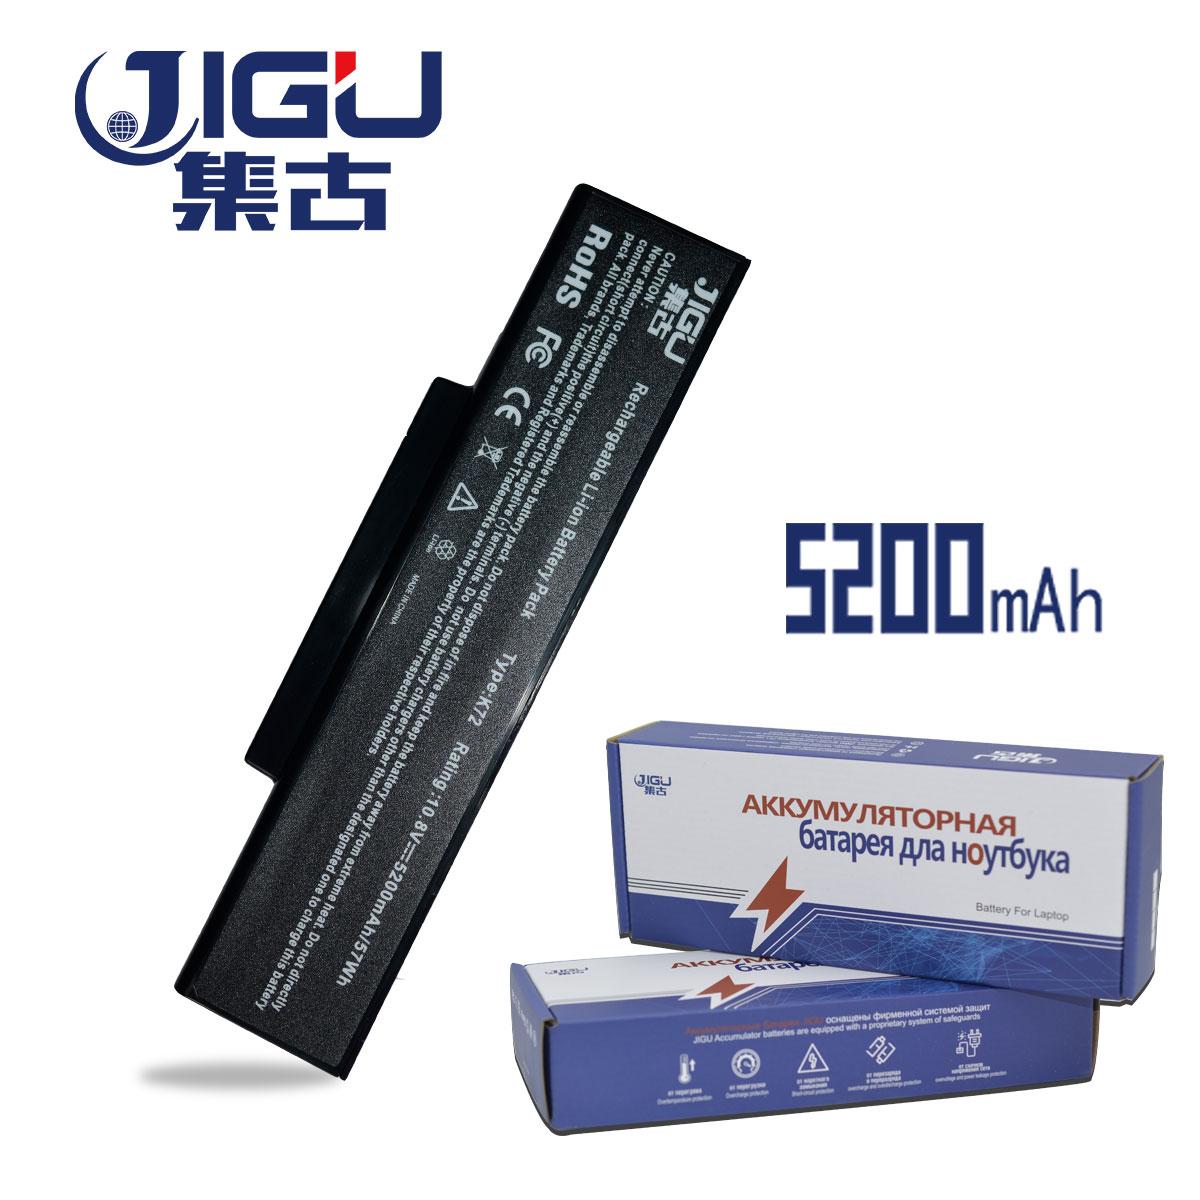 JIGU Laptop Battery For Asus A32-N71 A32-K72 K72 K72F K72D K72DR K73 K73SV K73S K73E N73SV 6 Cells